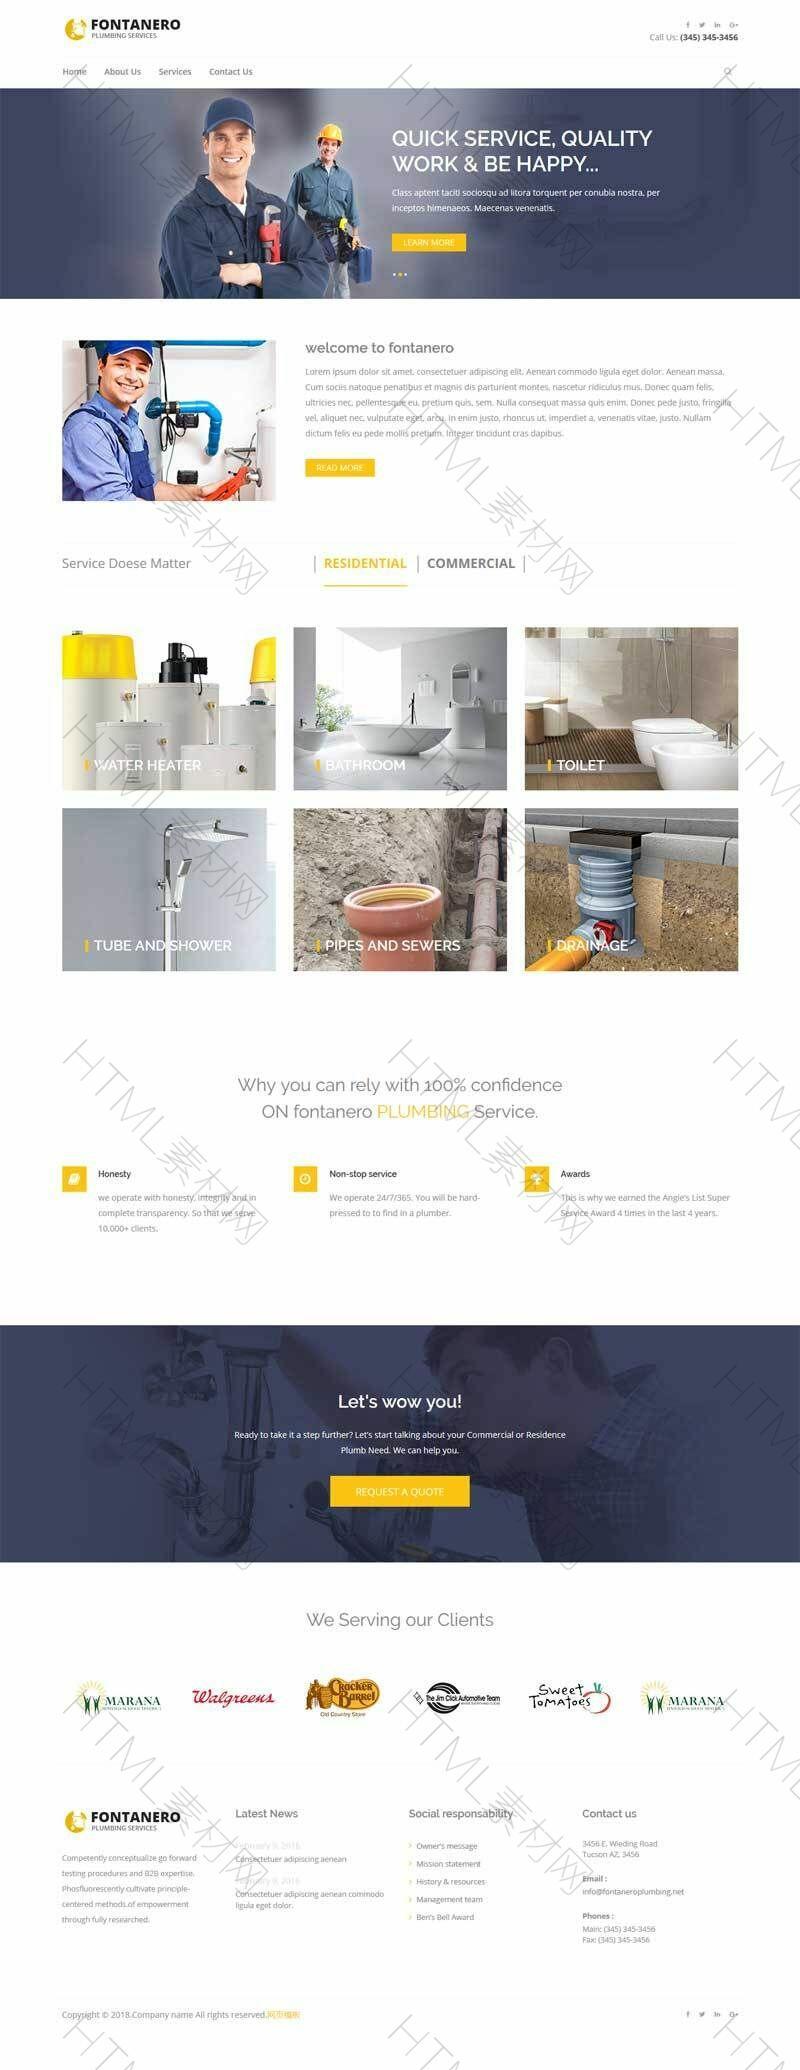 水管卫浴维修服务公司网站模板.jpg